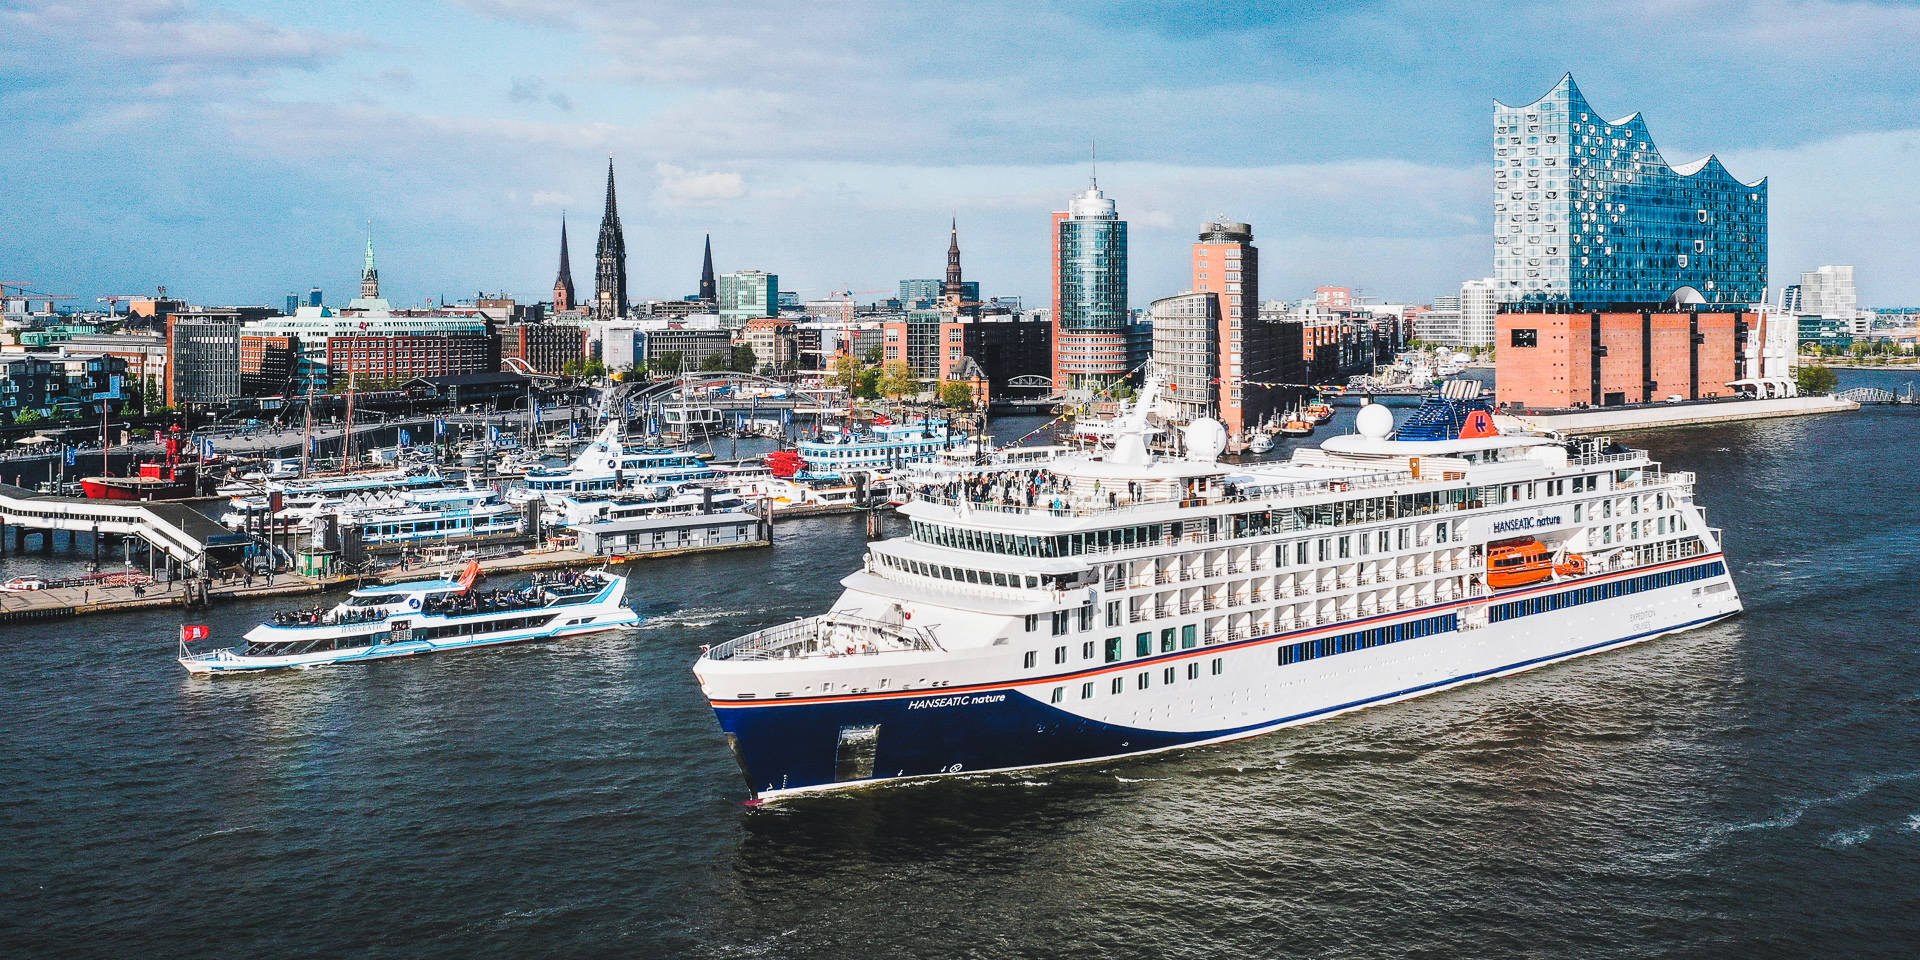 """Hamburg. Jungfernfahrt Expeditionskreuzfahrtschiff """"Hanseatic nature"""" von Hapag-Lloyd Cruises"""